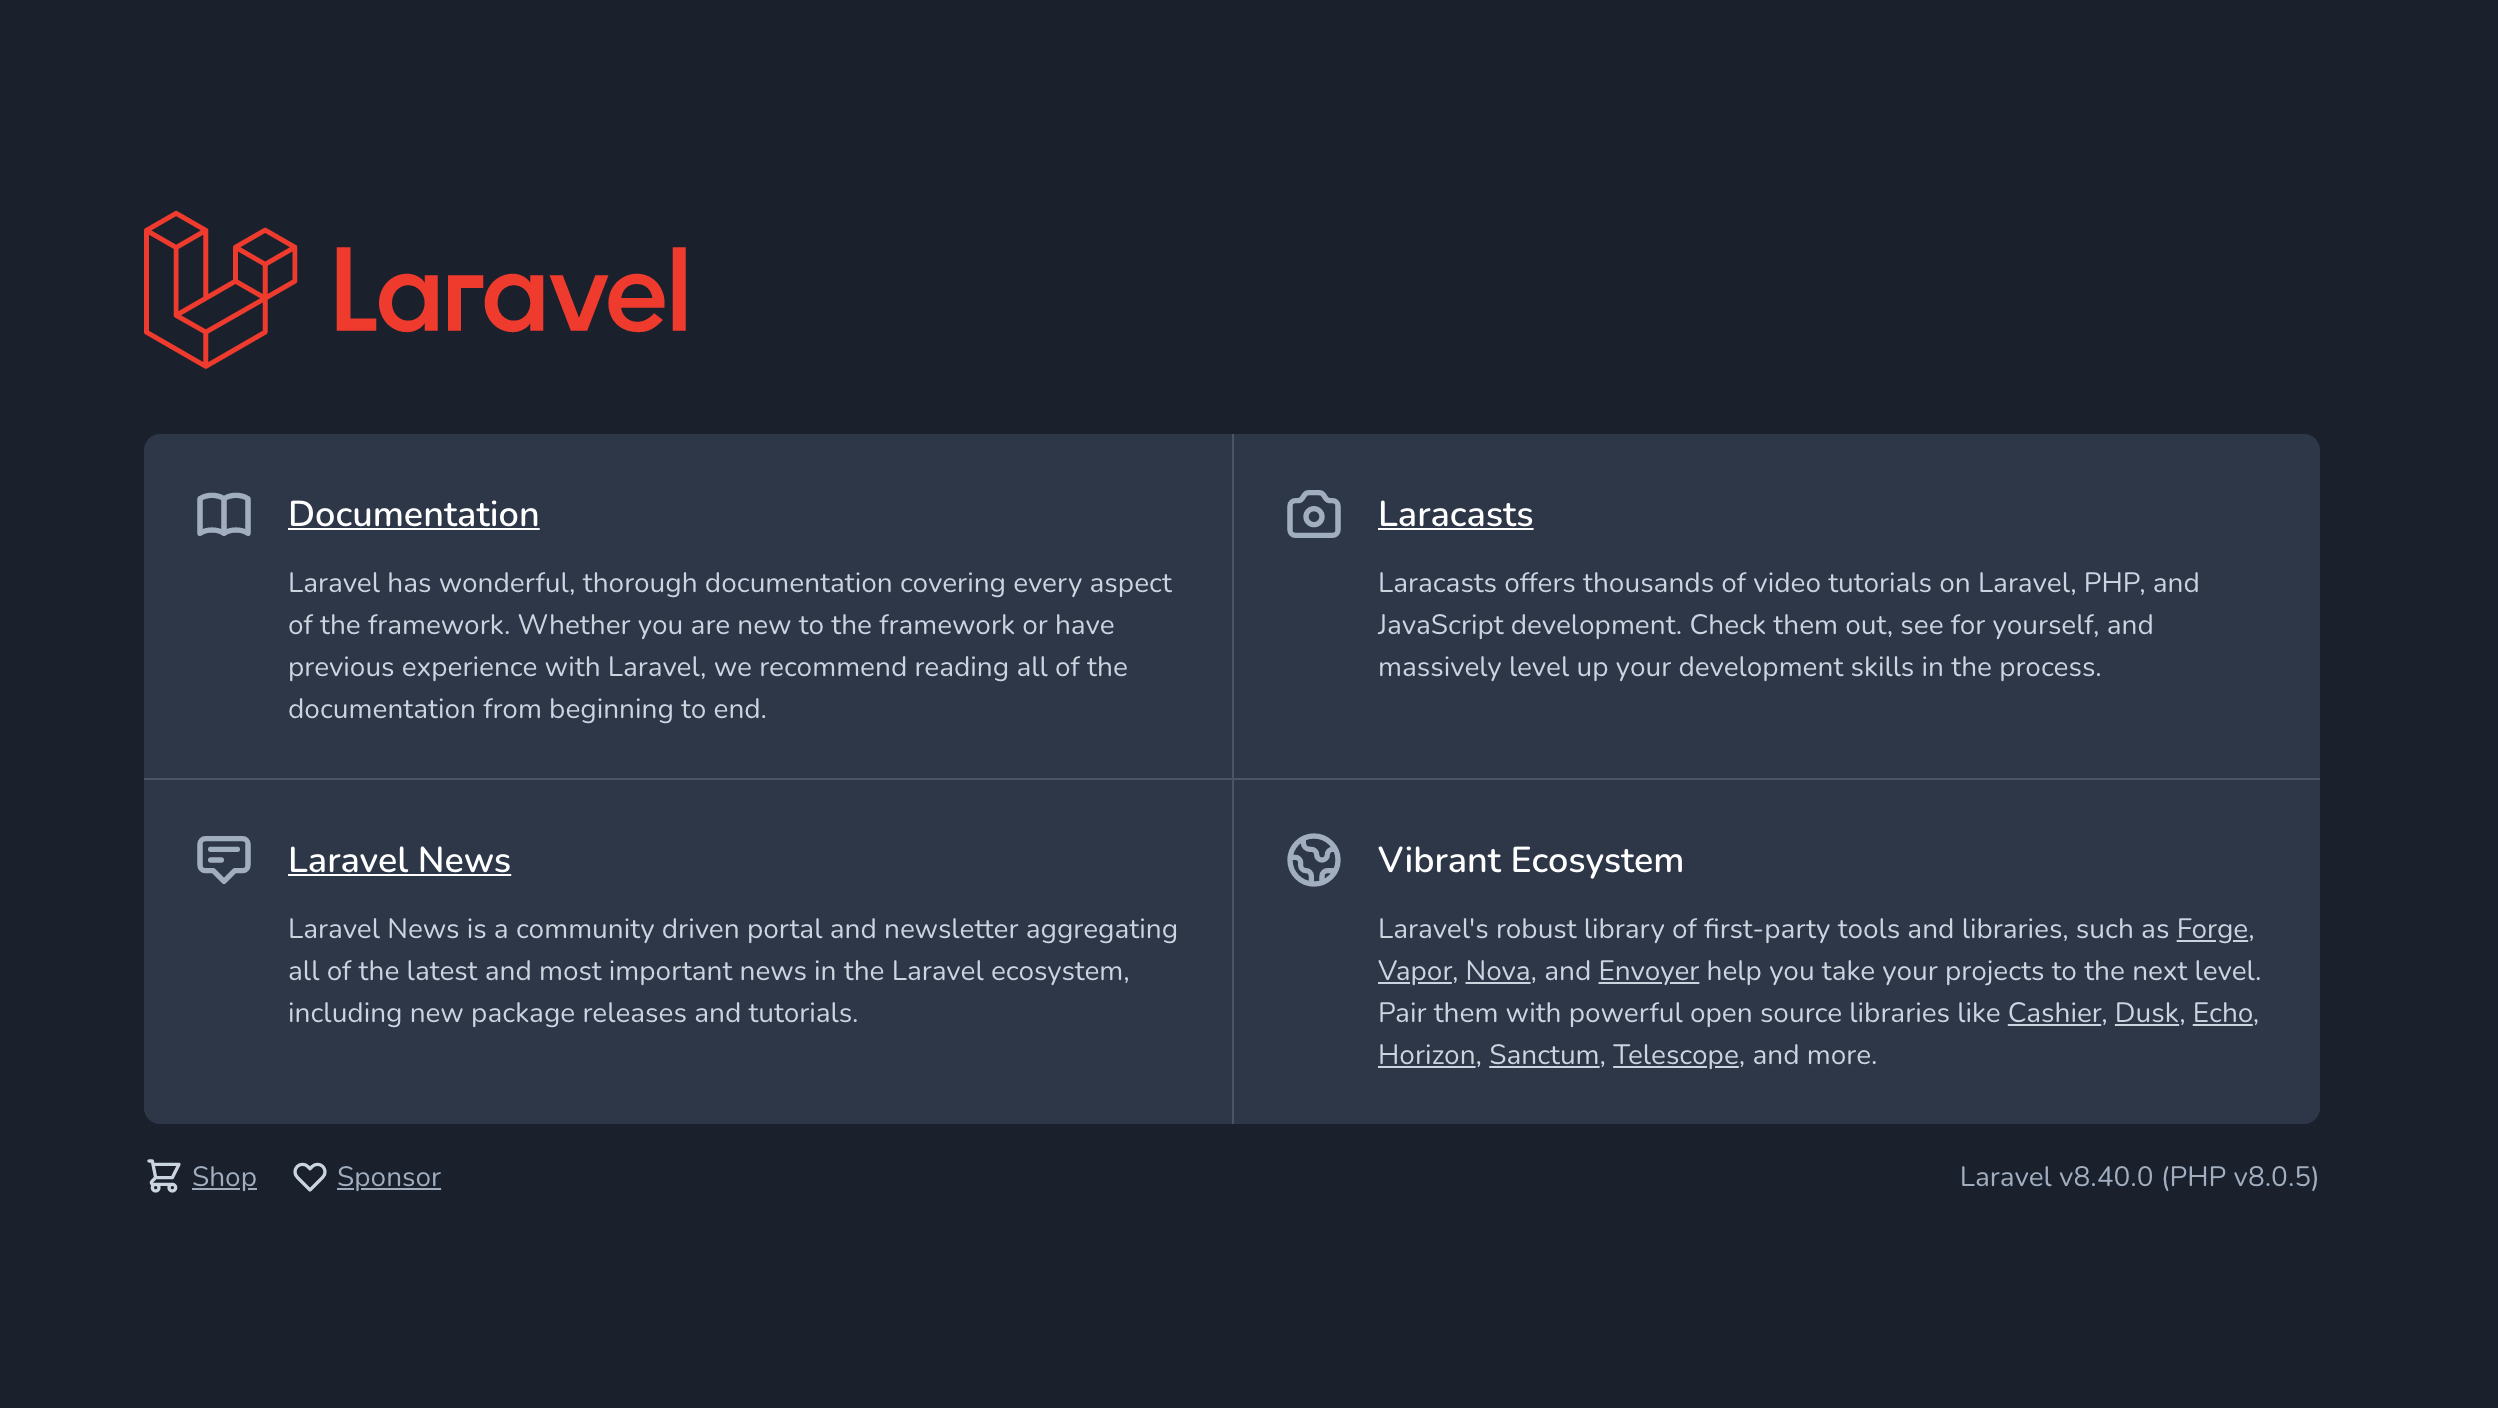 Laravelのデフォルト画面を表示